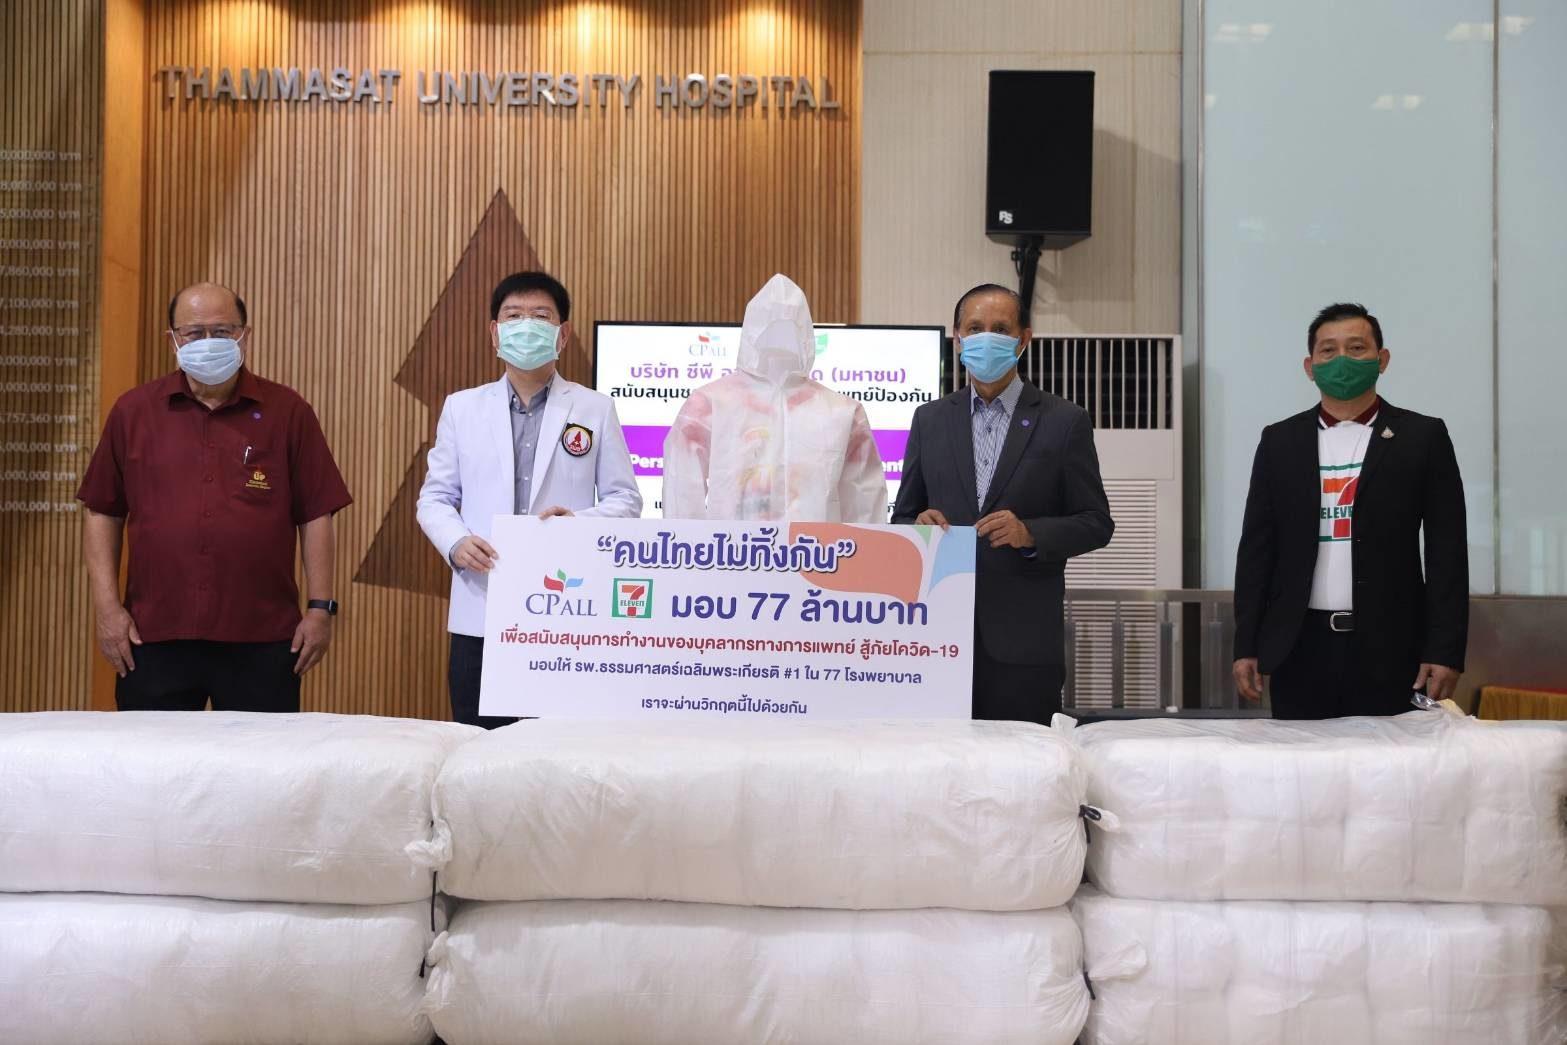 'ซีพีออลล์' นำเงินโครงการลดใช้ถุงพลาสติกจากร้าน 7-11 มอบ 77 โรงพยาบาลทั่วประเทศสู้โควิด-19